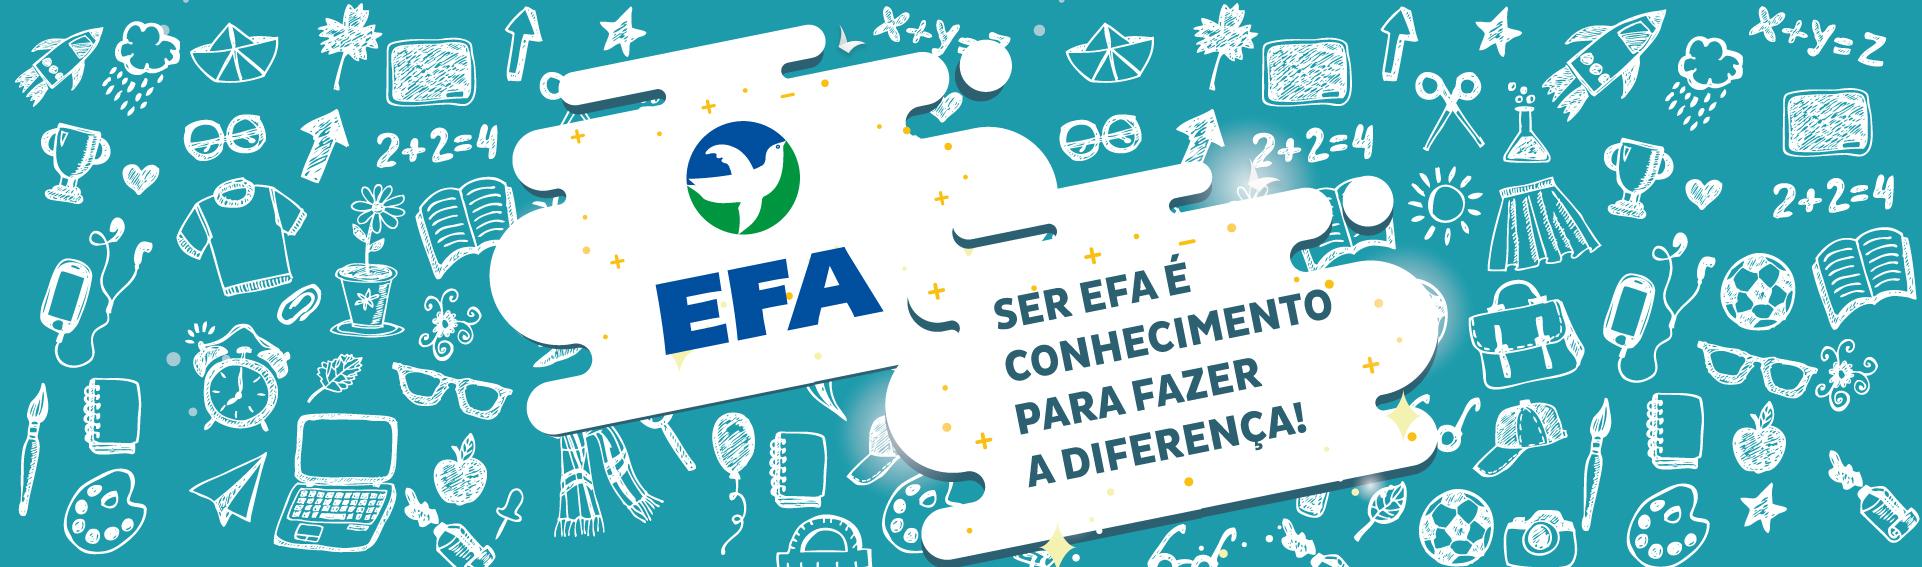 Banner EFA 1